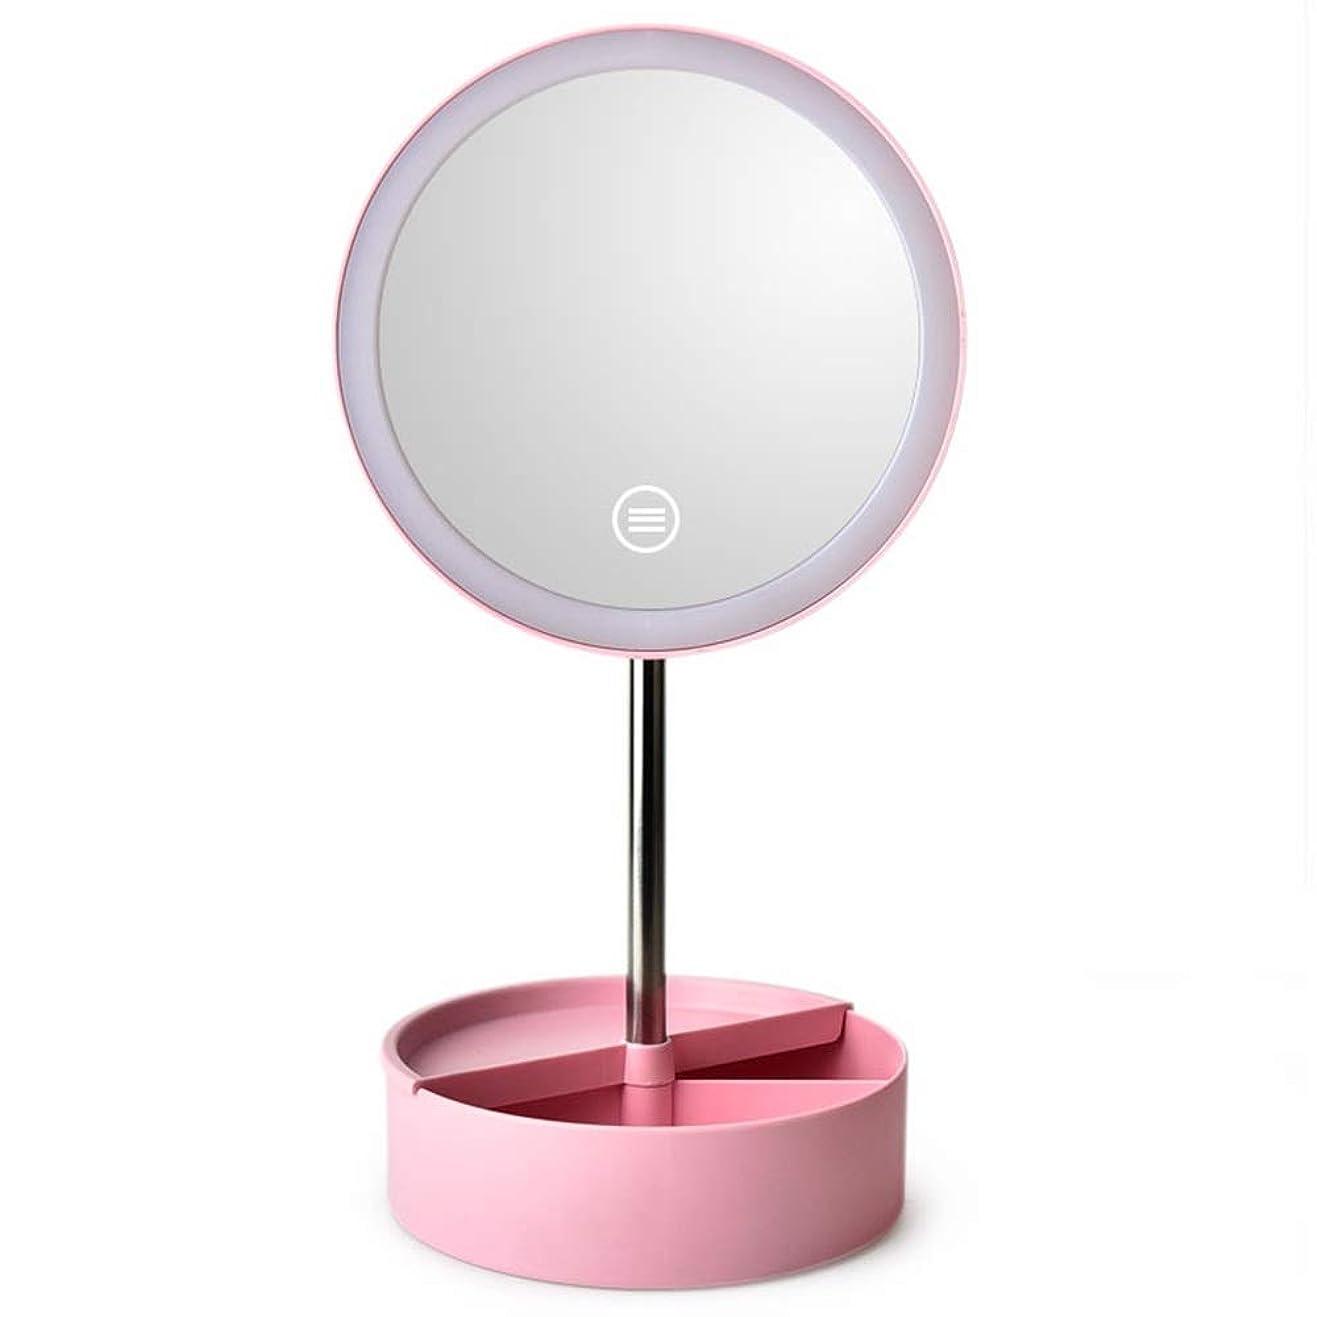 ライナー検査ハーブAmaiai 化粧鏡 ミラー 蓄光ビューティーミラー卓上丸自然光デスクトップメイクアップミラーブルーホワイトピンクのクリエイティブLEDタッチライトバニティミラー (色 : Pink)